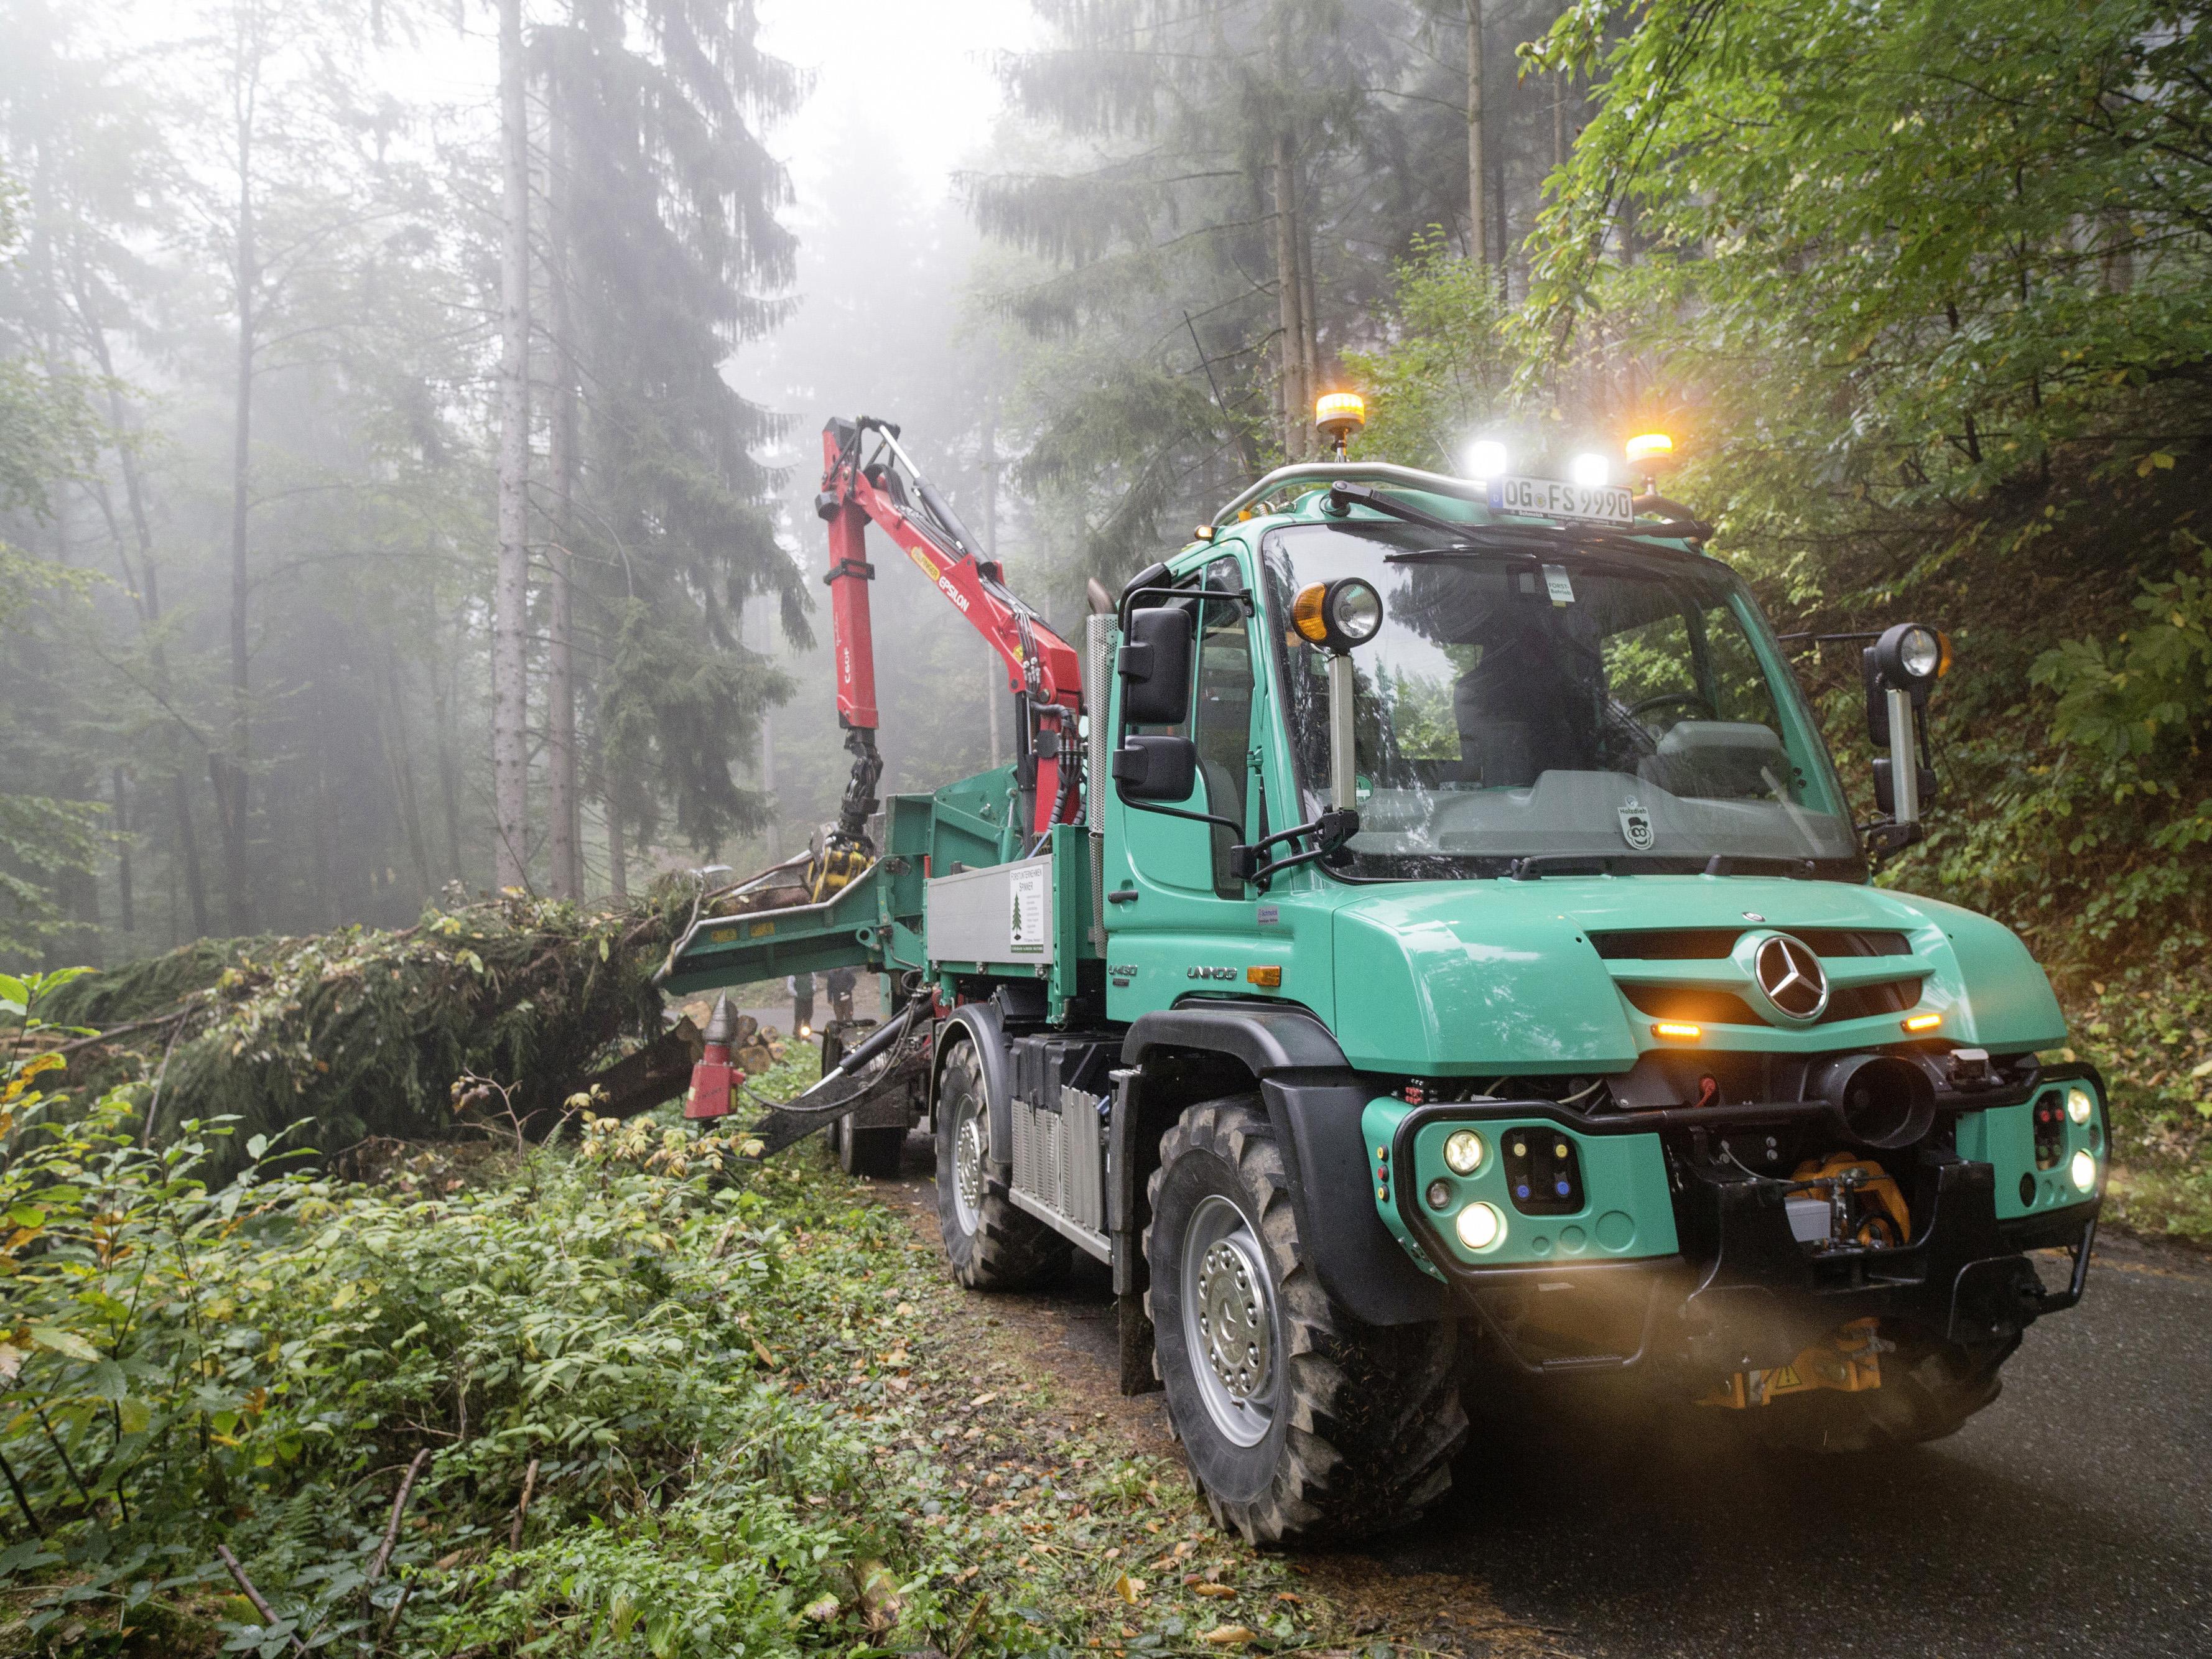 Mercedes-Benz demonstriert auf der Fachmesse für Forsttechnik in Roding Vielseitigkeit und Effizienz des Unimog Geräteträgers